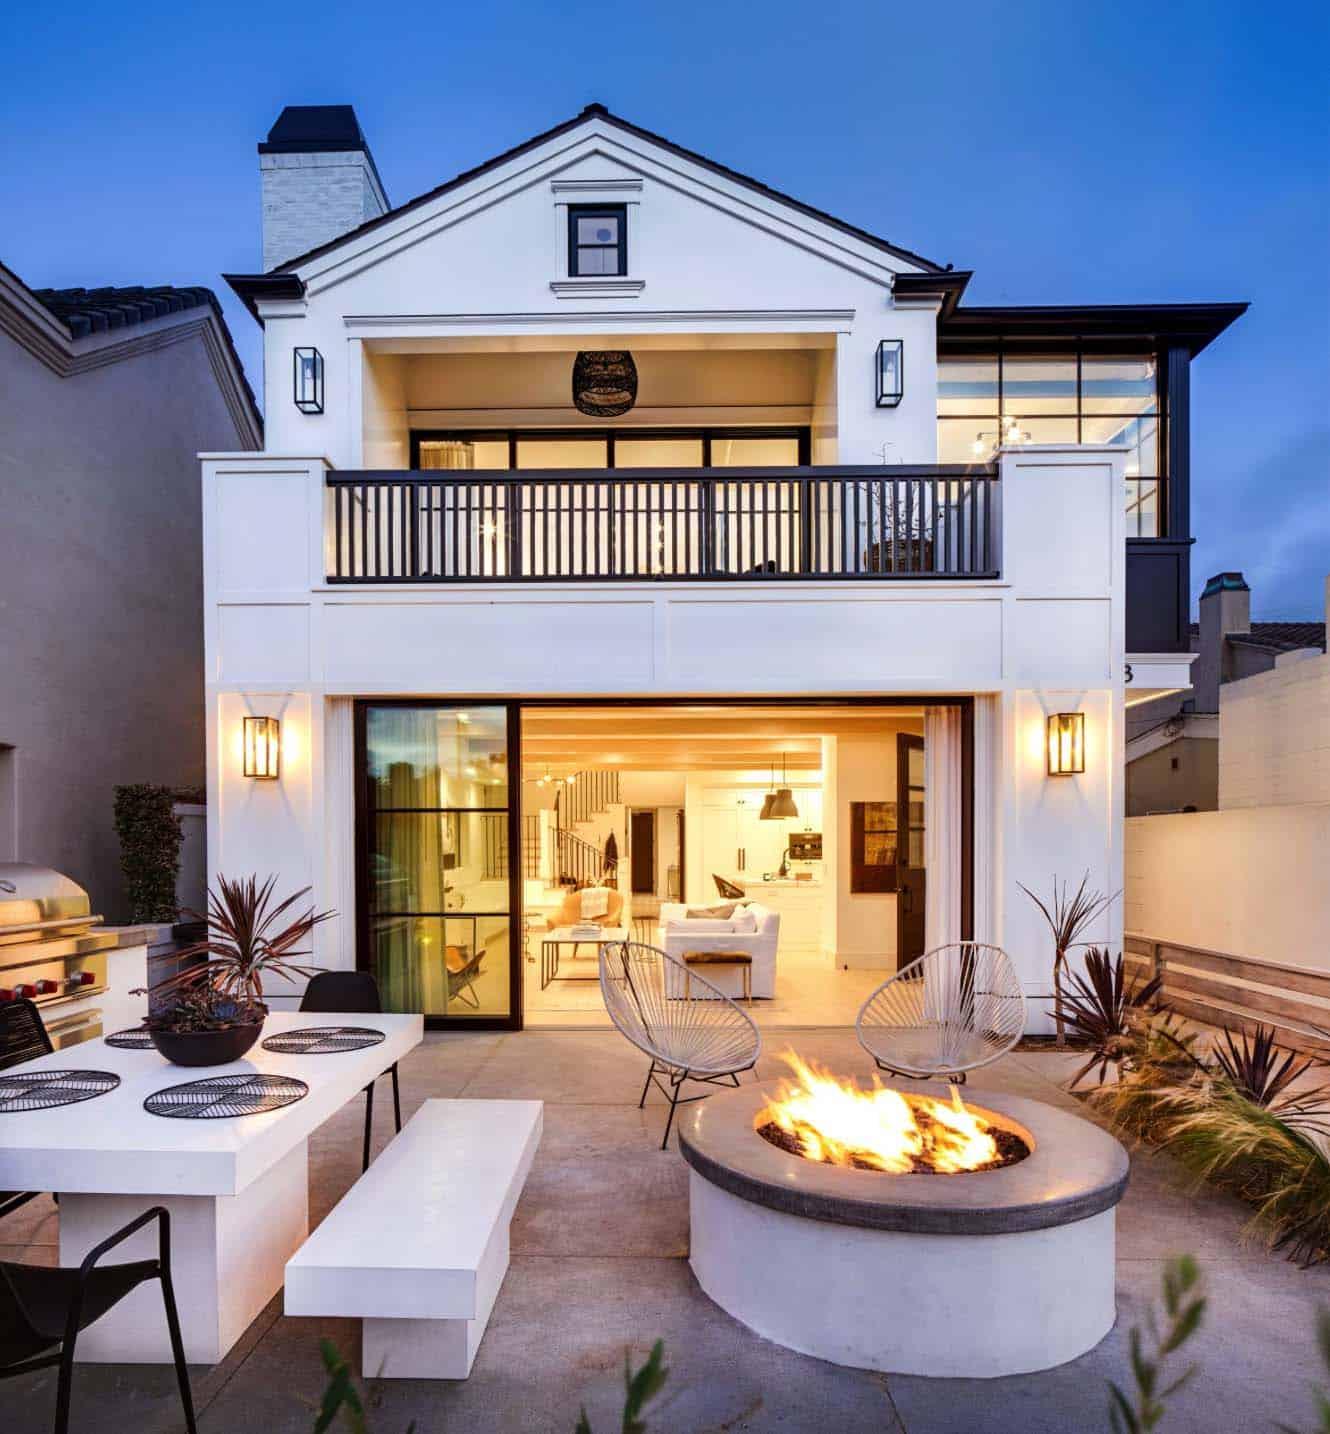 beach-style-house-exterior